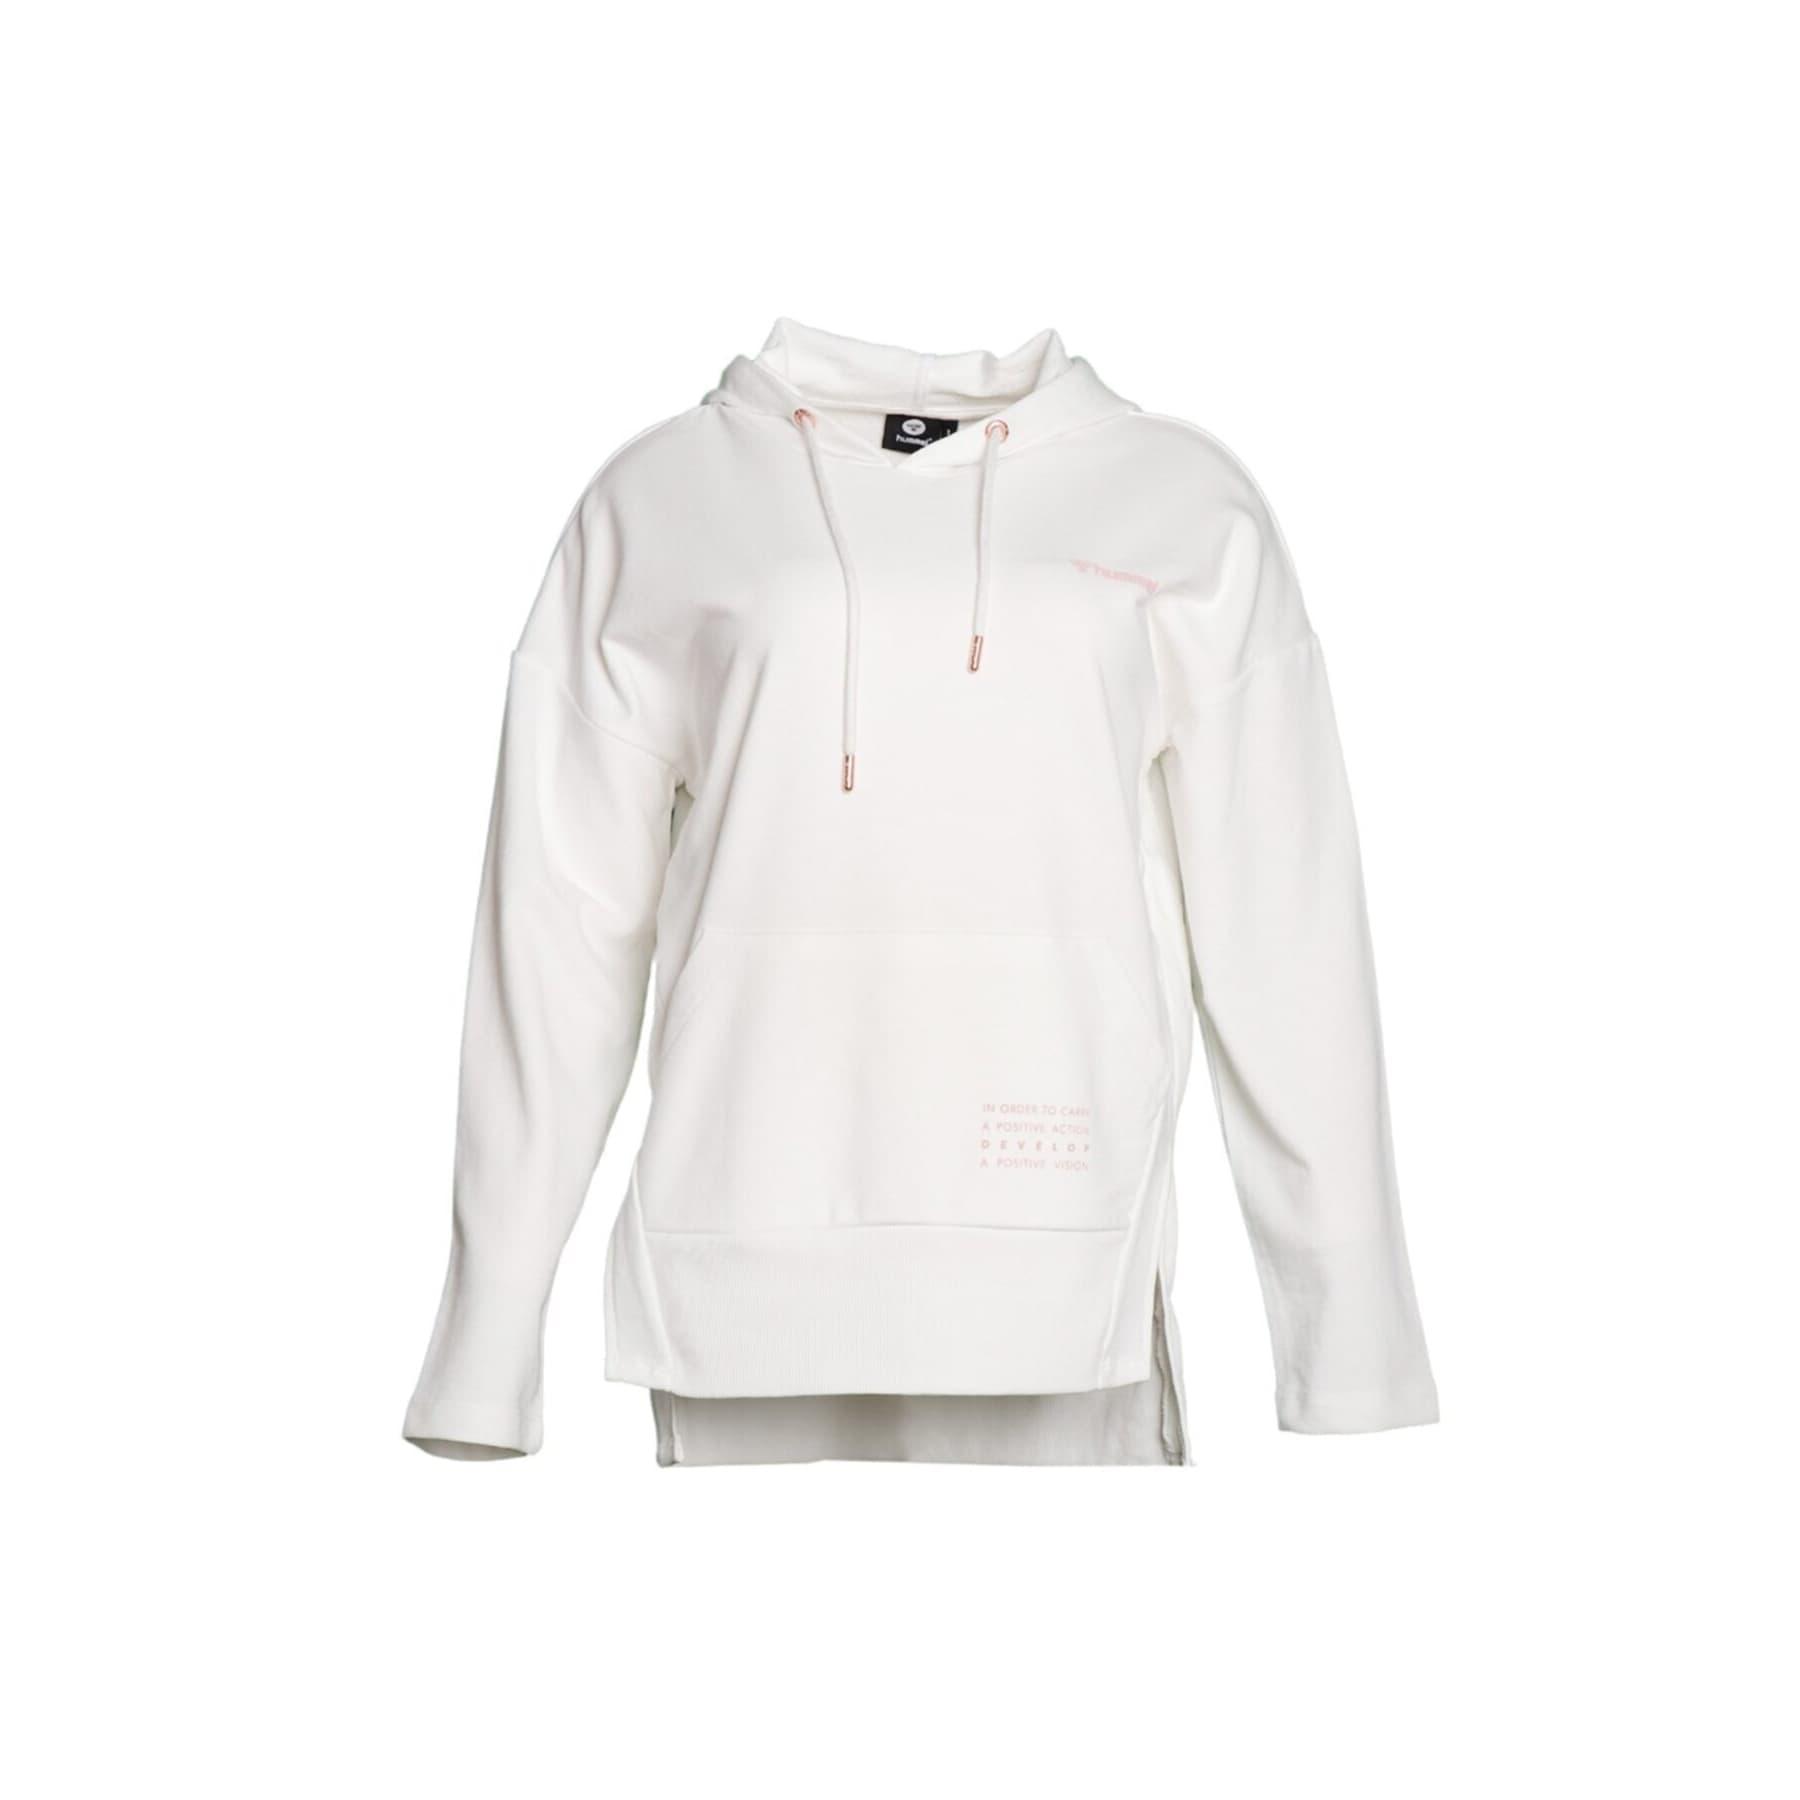 Davina Kadın Beyaz Kapüşonlu Sweatshirt (921234-1321)